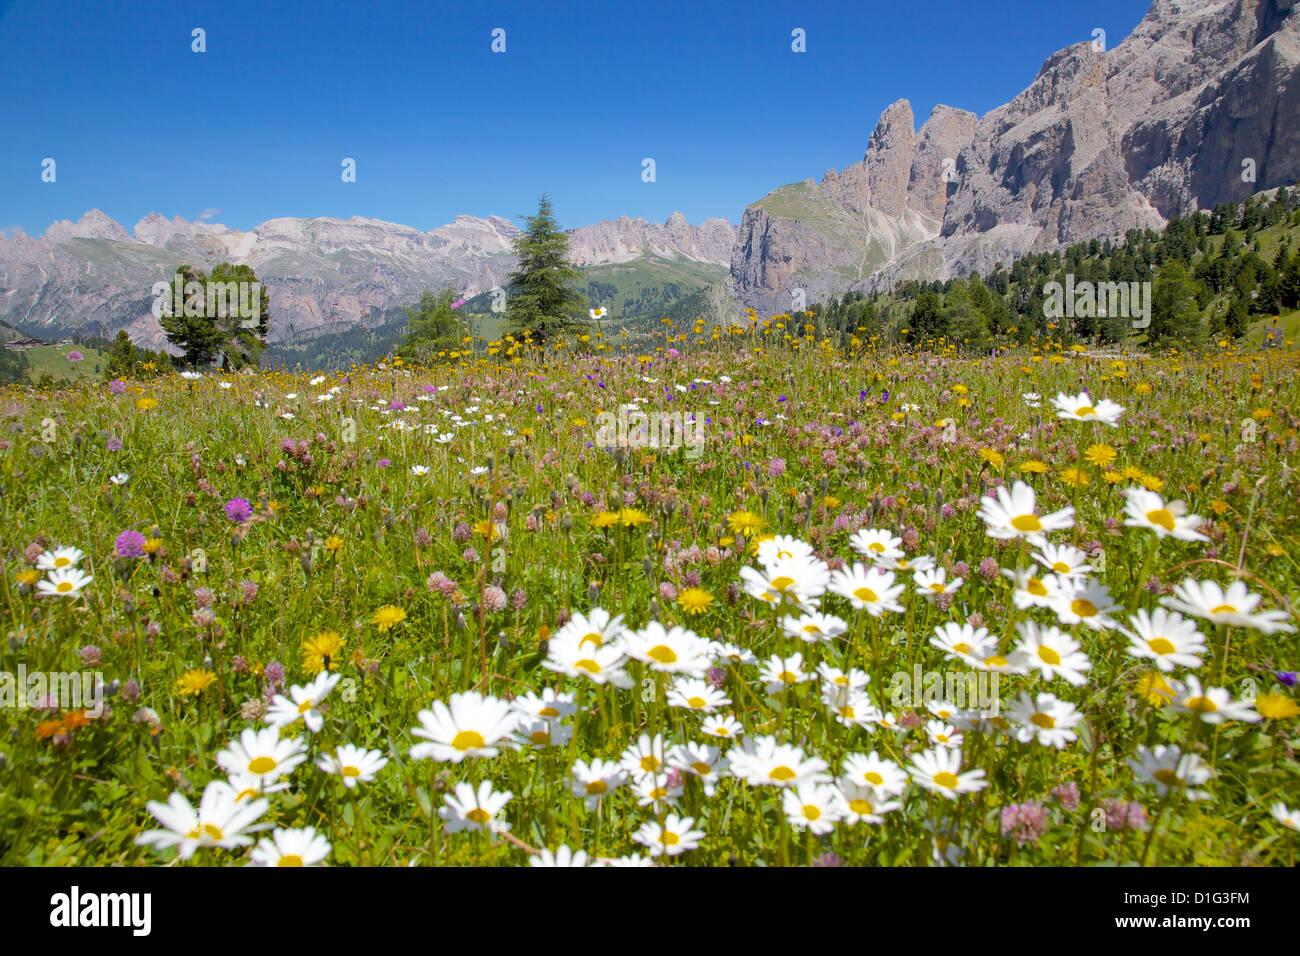 Daisies, Sella Pass, Trento and Bolzano Provinces, Italian Dolomites, Italy, Europe - Stock Image